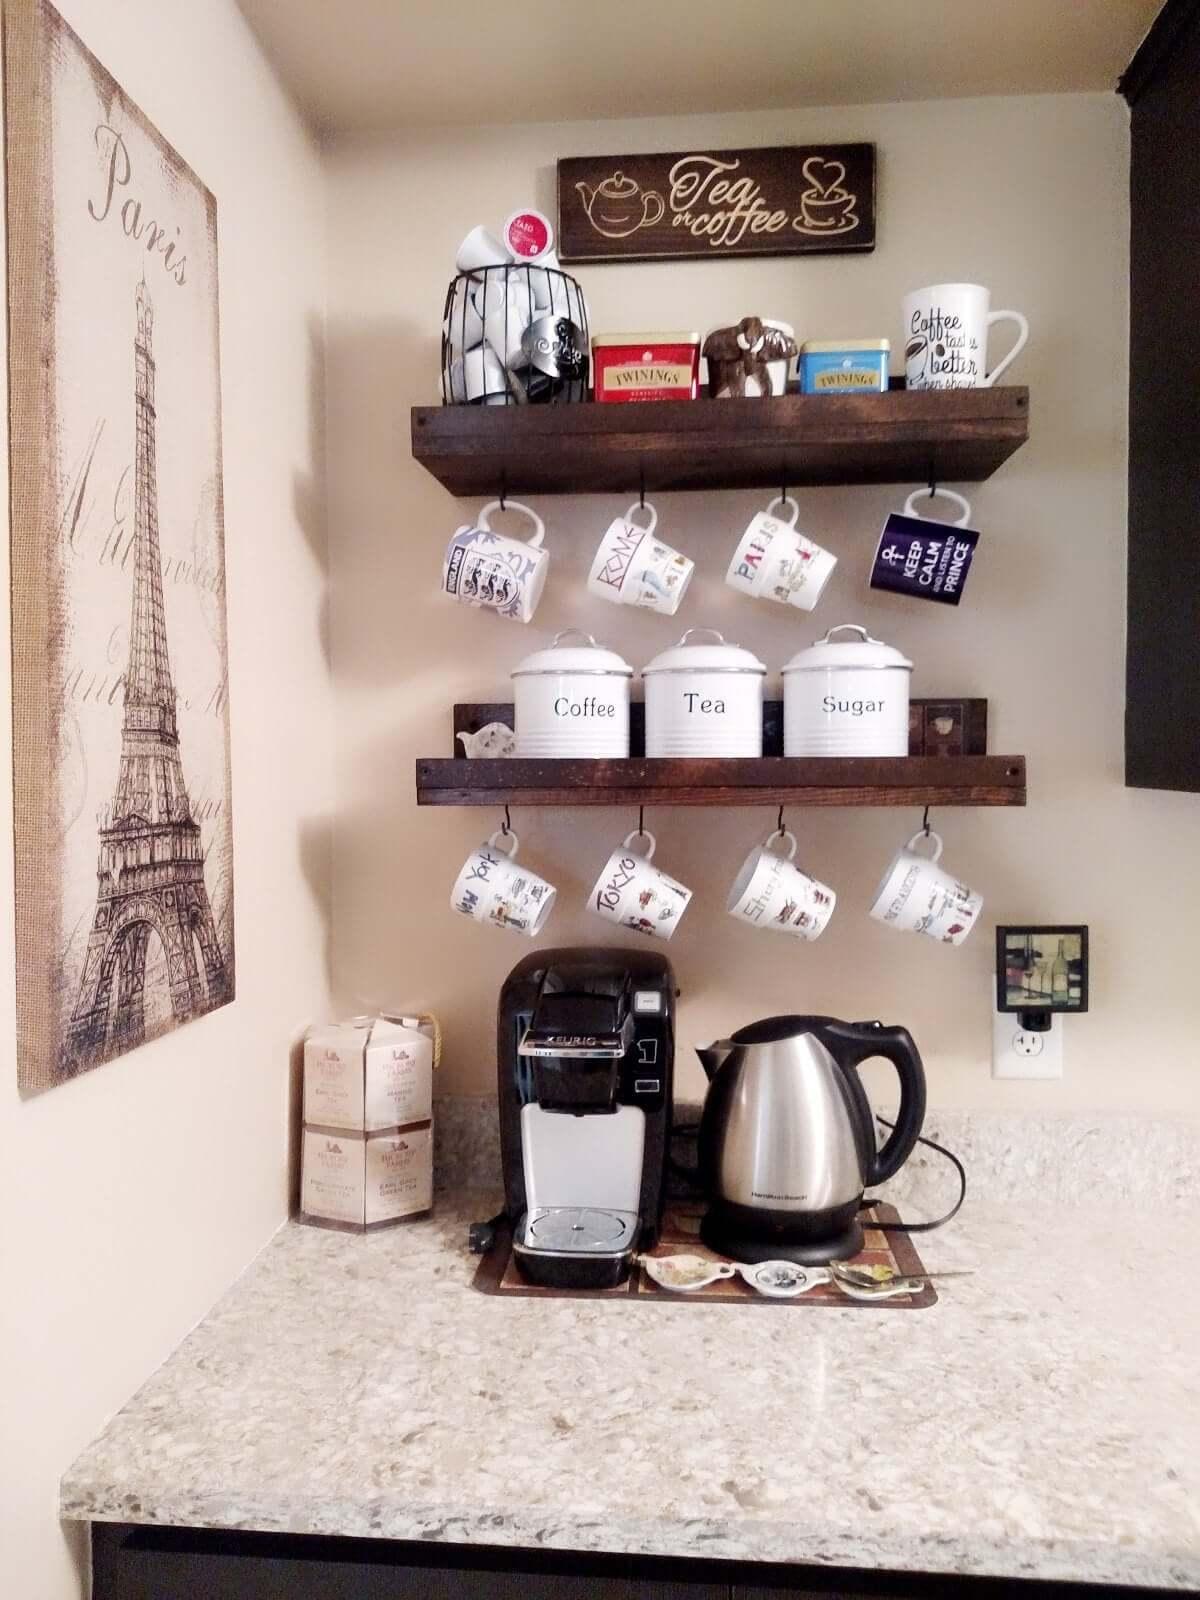 Кофе-бар: идеи создания кофейной станции дома фото 8